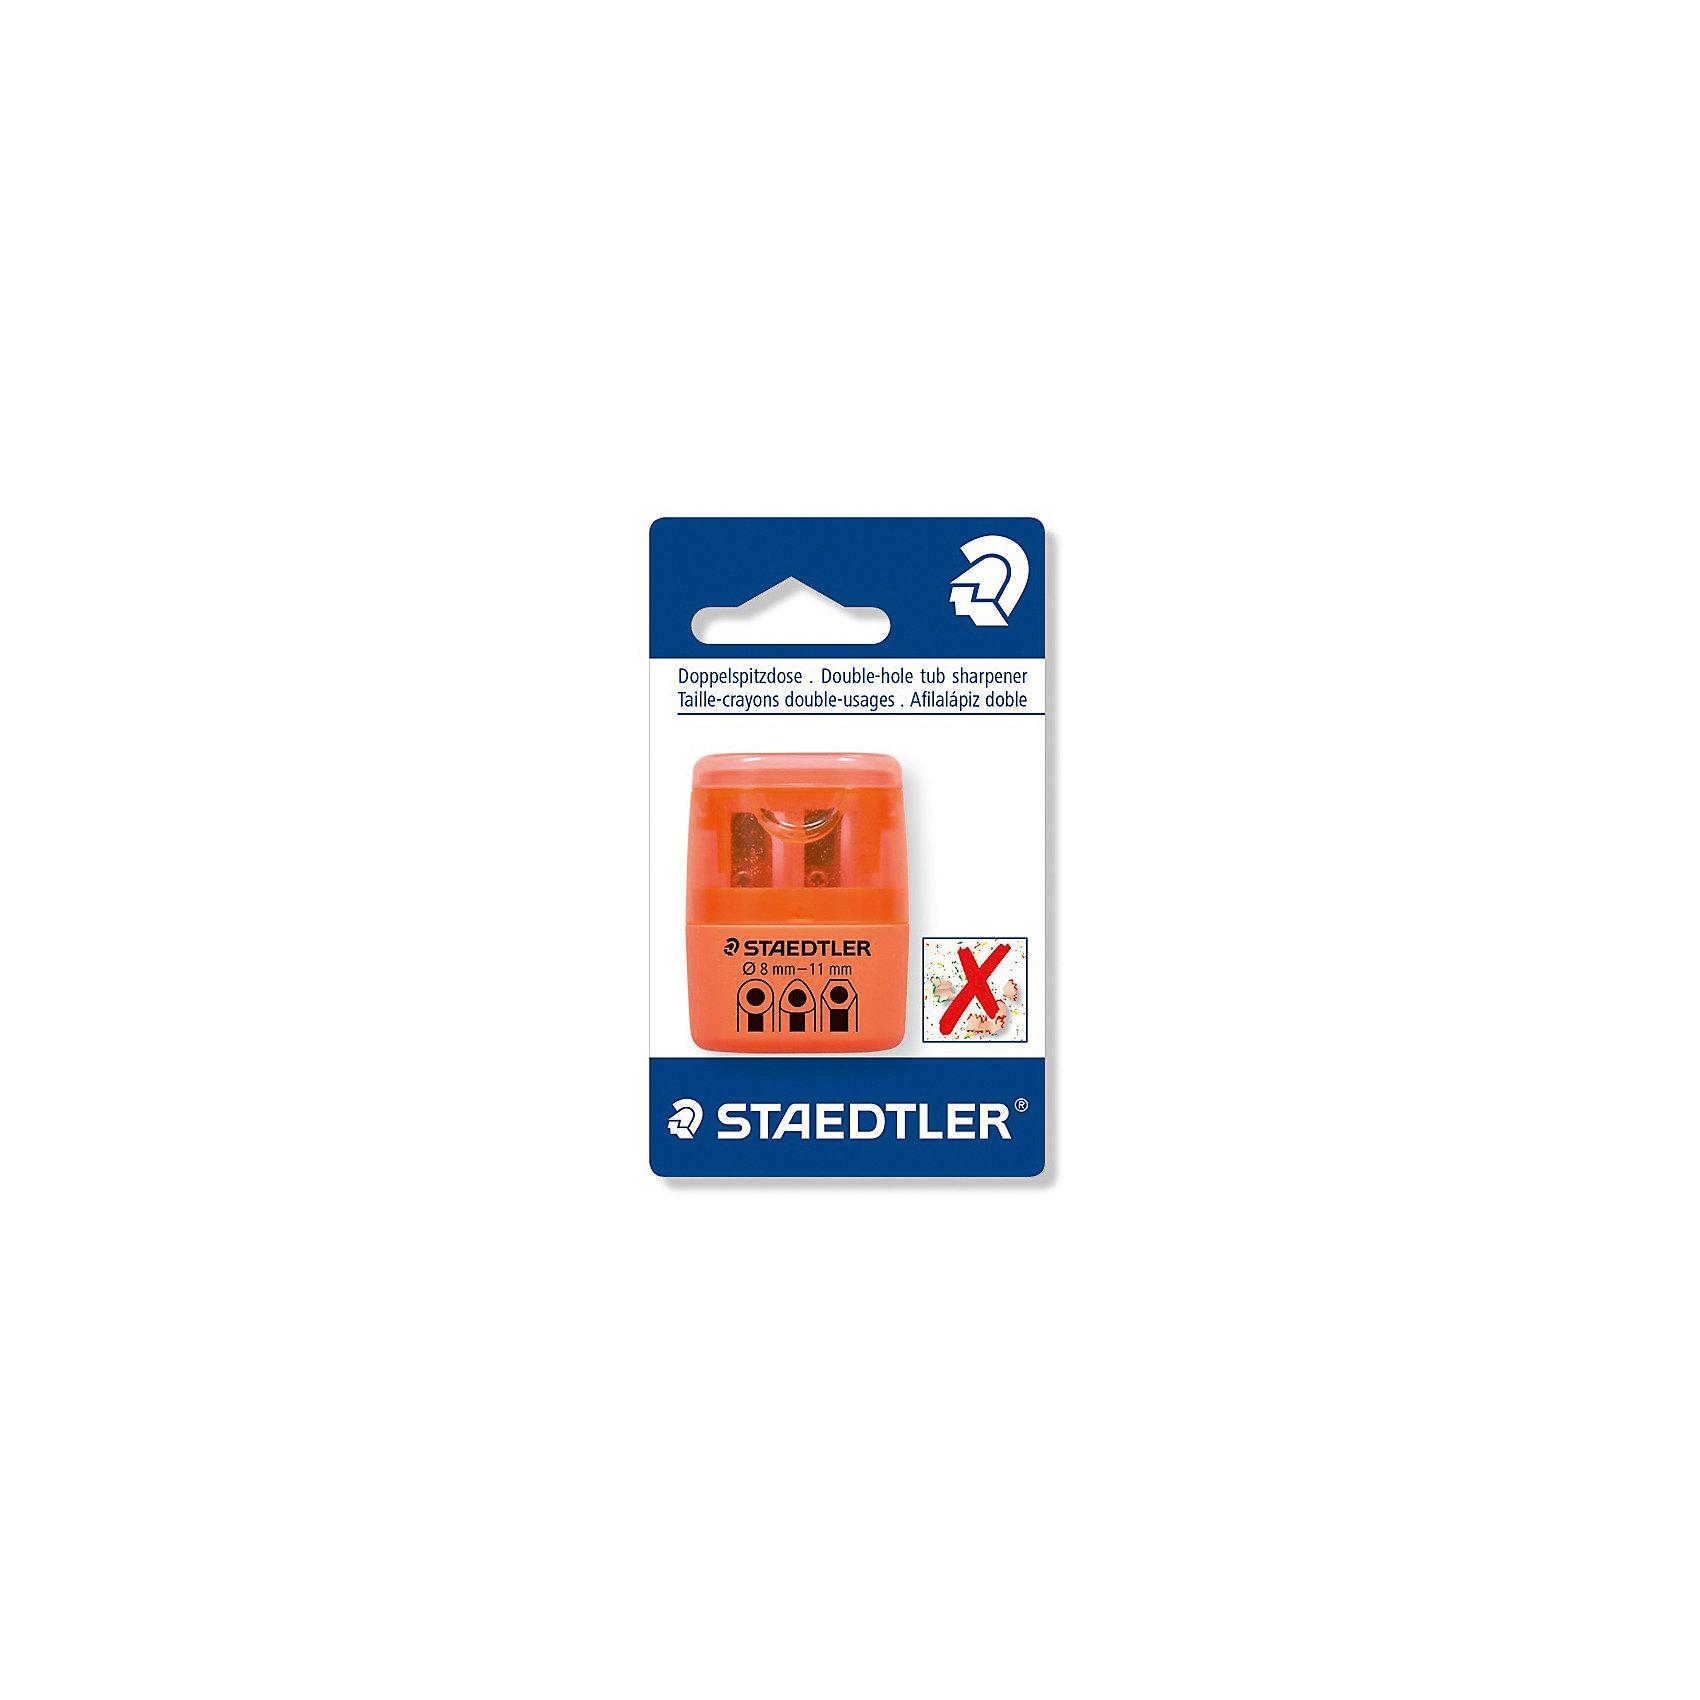 Точилка Staedtler 2 отверстия, оранжевый неонПисьменные принадлежности<br>Характеристики:<br><br>• возраст: от 5 лет<br>• количество отверстий: 2<br>• материал: пластик, металл<br>• цвет: неон оранжевый<br>• упаковка: блистер<br>• размер упаковки: 10х7х3 см.<br><br>Точилка в пластиковом корпусе на 2 отверстия подходит для чернографитовых стандартных карандашей диаметром до 8,2 мм с углом заточки 23° для четких и аккуратных линий. Также для толстых чернографитовых и цветных карандашей диаметром до 11 мм, угол заточки 30° для широких и ровных линий. Металлическая затачивающая часть. Закрытая конструкция предотвращает высыпание мусора во время заточки. Безопасный крепеж крышки.<br><br>STAEDTLER Точилку в пластиковом корпусе на 2 отверстия, неон оранжевый можно купить в нашем интернет-магазине.<br><br>Ширина мм: 110<br>Глубина мм: 66<br>Высота мм: 27<br>Вес г: 19<br>Возраст от месяцев: 60<br>Возраст до месяцев: 2147483647<br>Пол: Унисекс<br>Возраст: Детский<br>SKU: 7065367